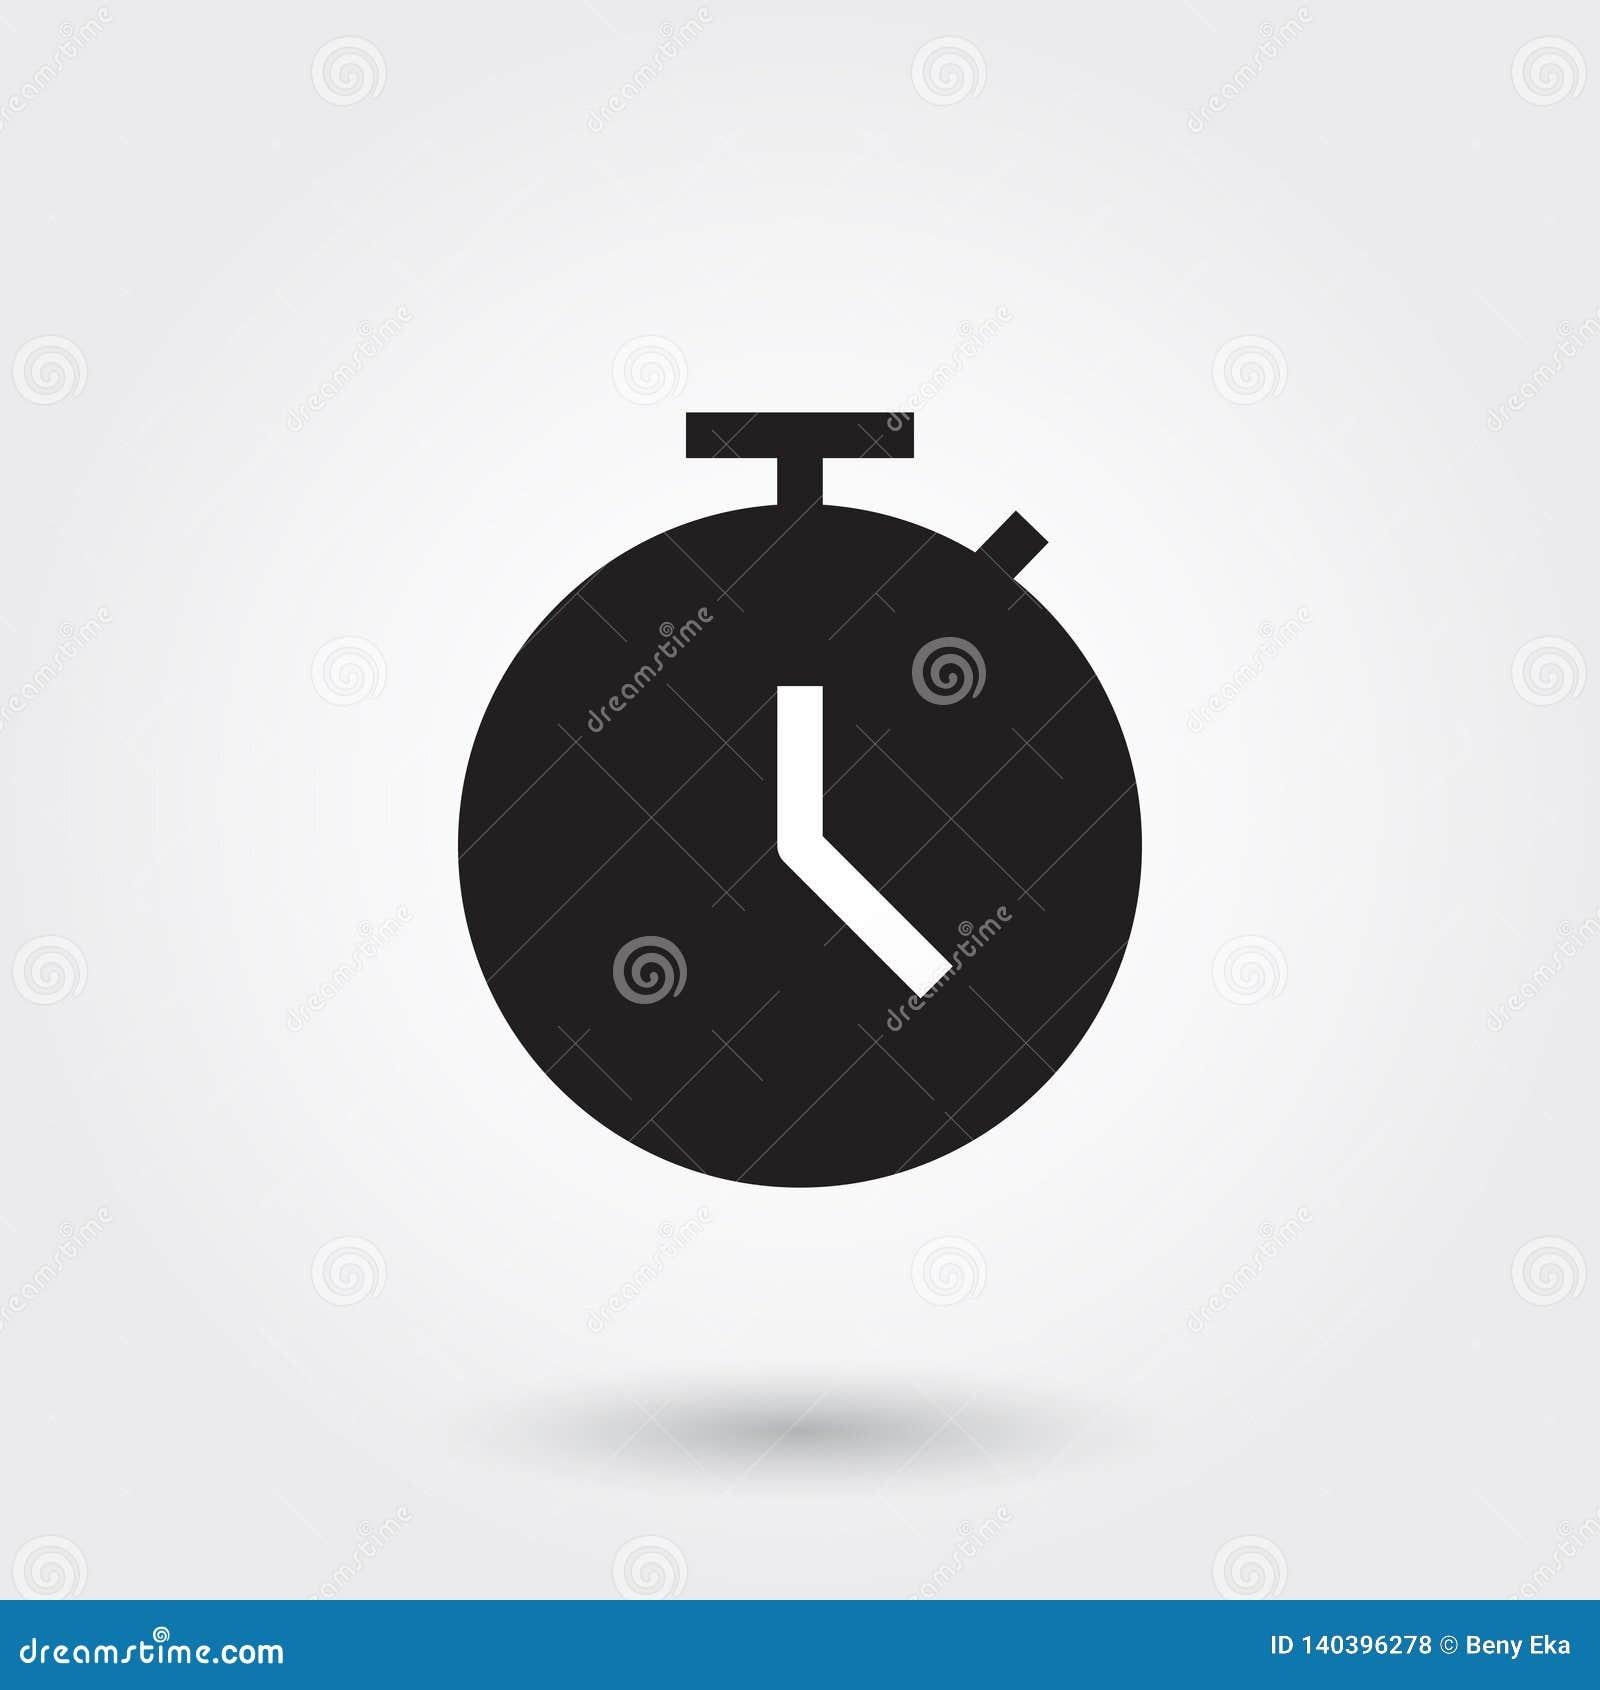 Vektor, Frist, Zeit, Uhr, Uhr, Glyph-Ikone perfekt für Website, mobile Apps, Darstellung